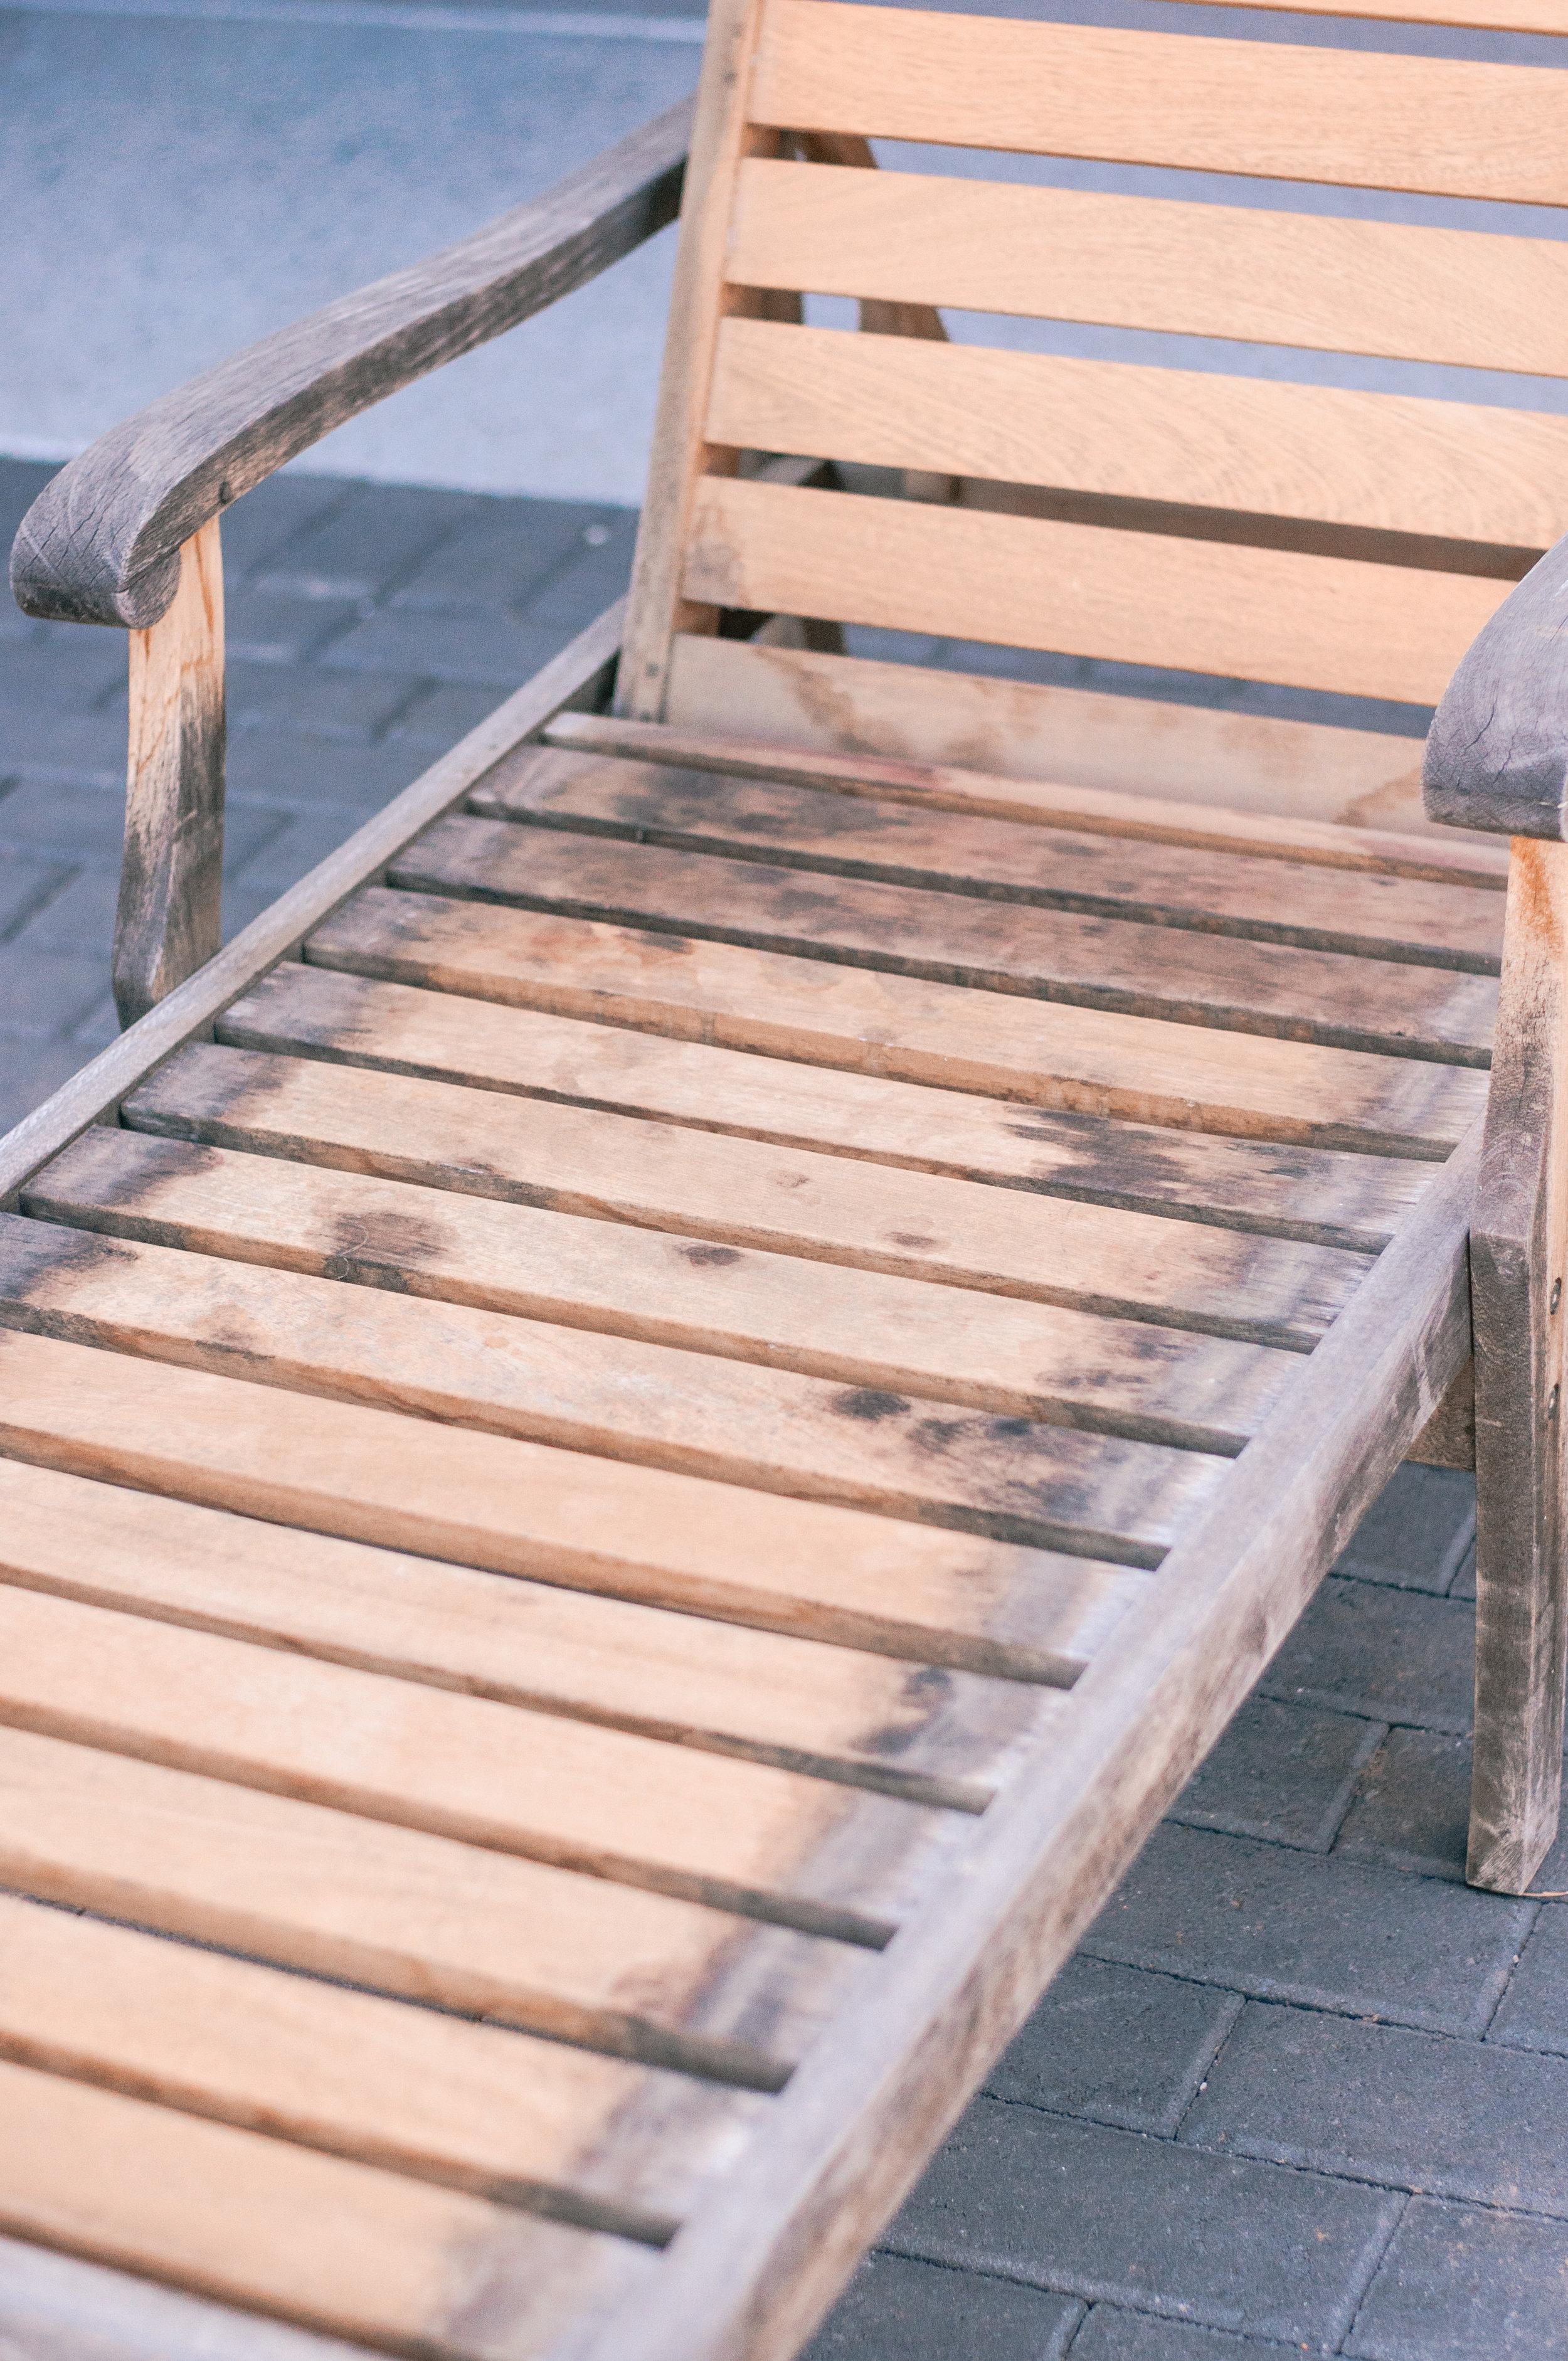 How To Clean Teak Wood Furniture